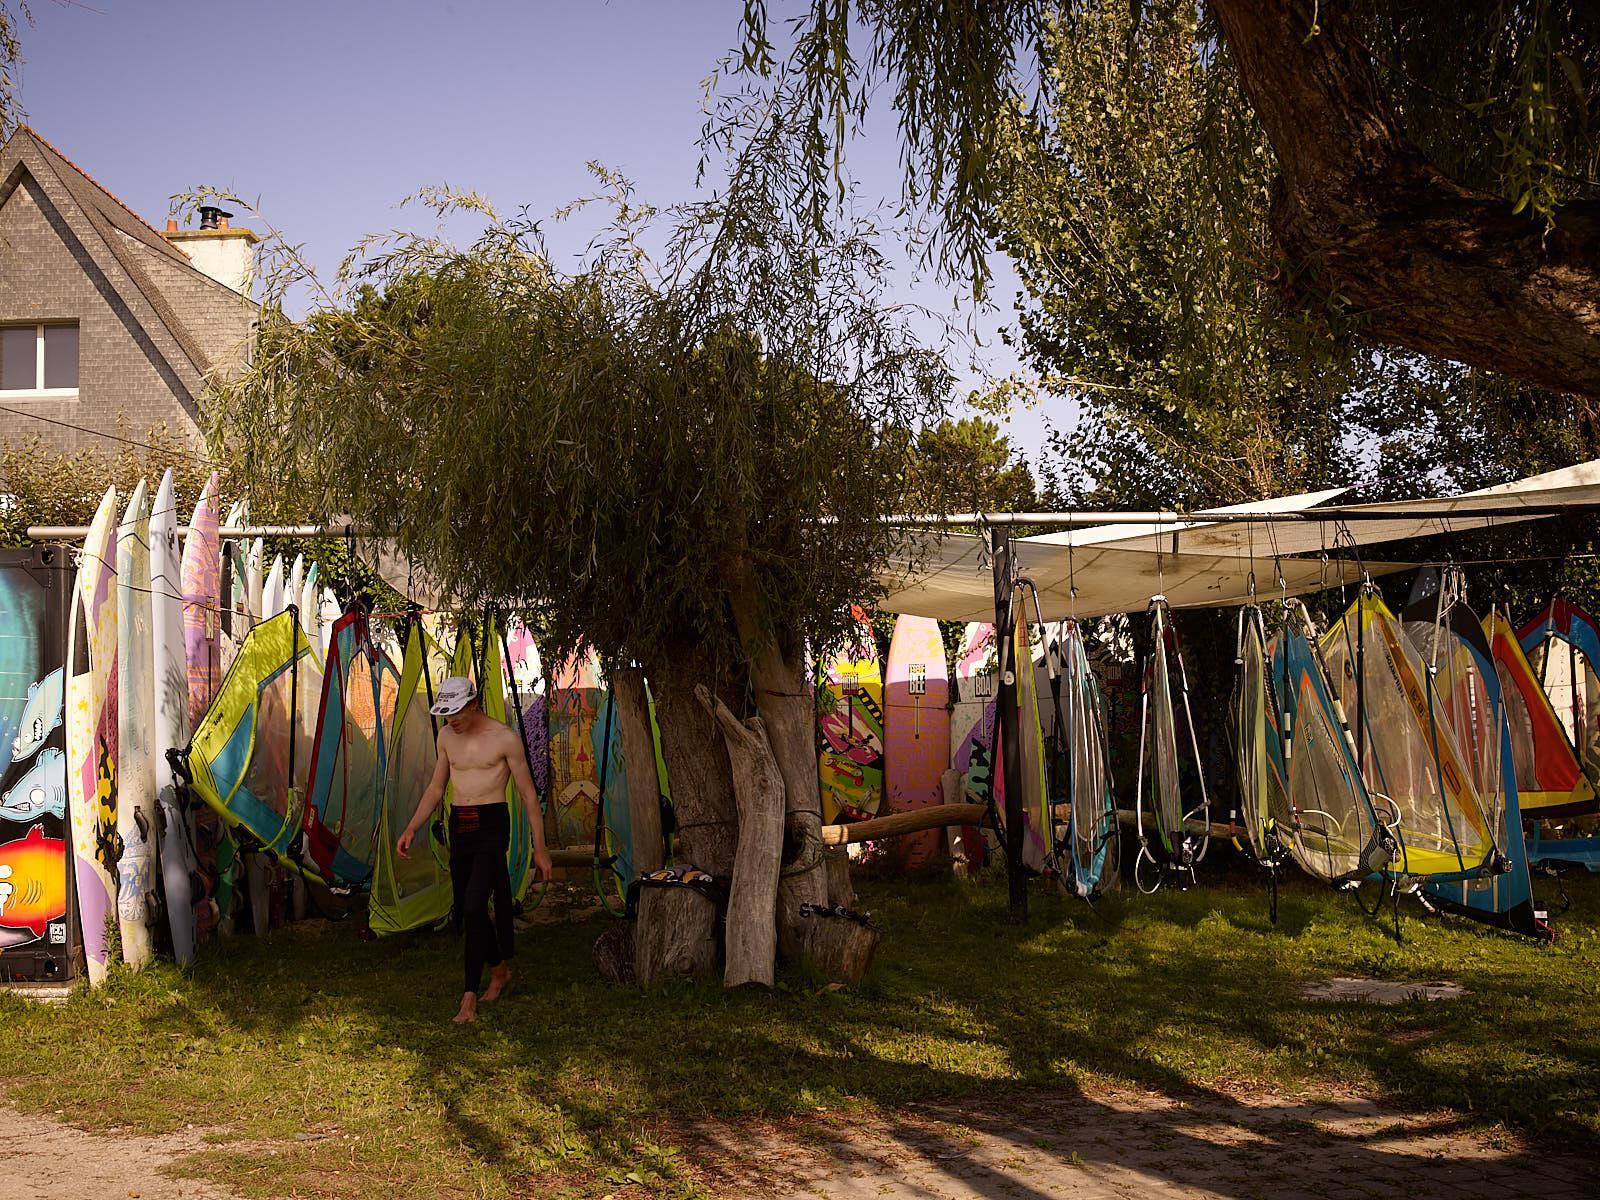 Club Nautique du Rohu - Windsurf sails